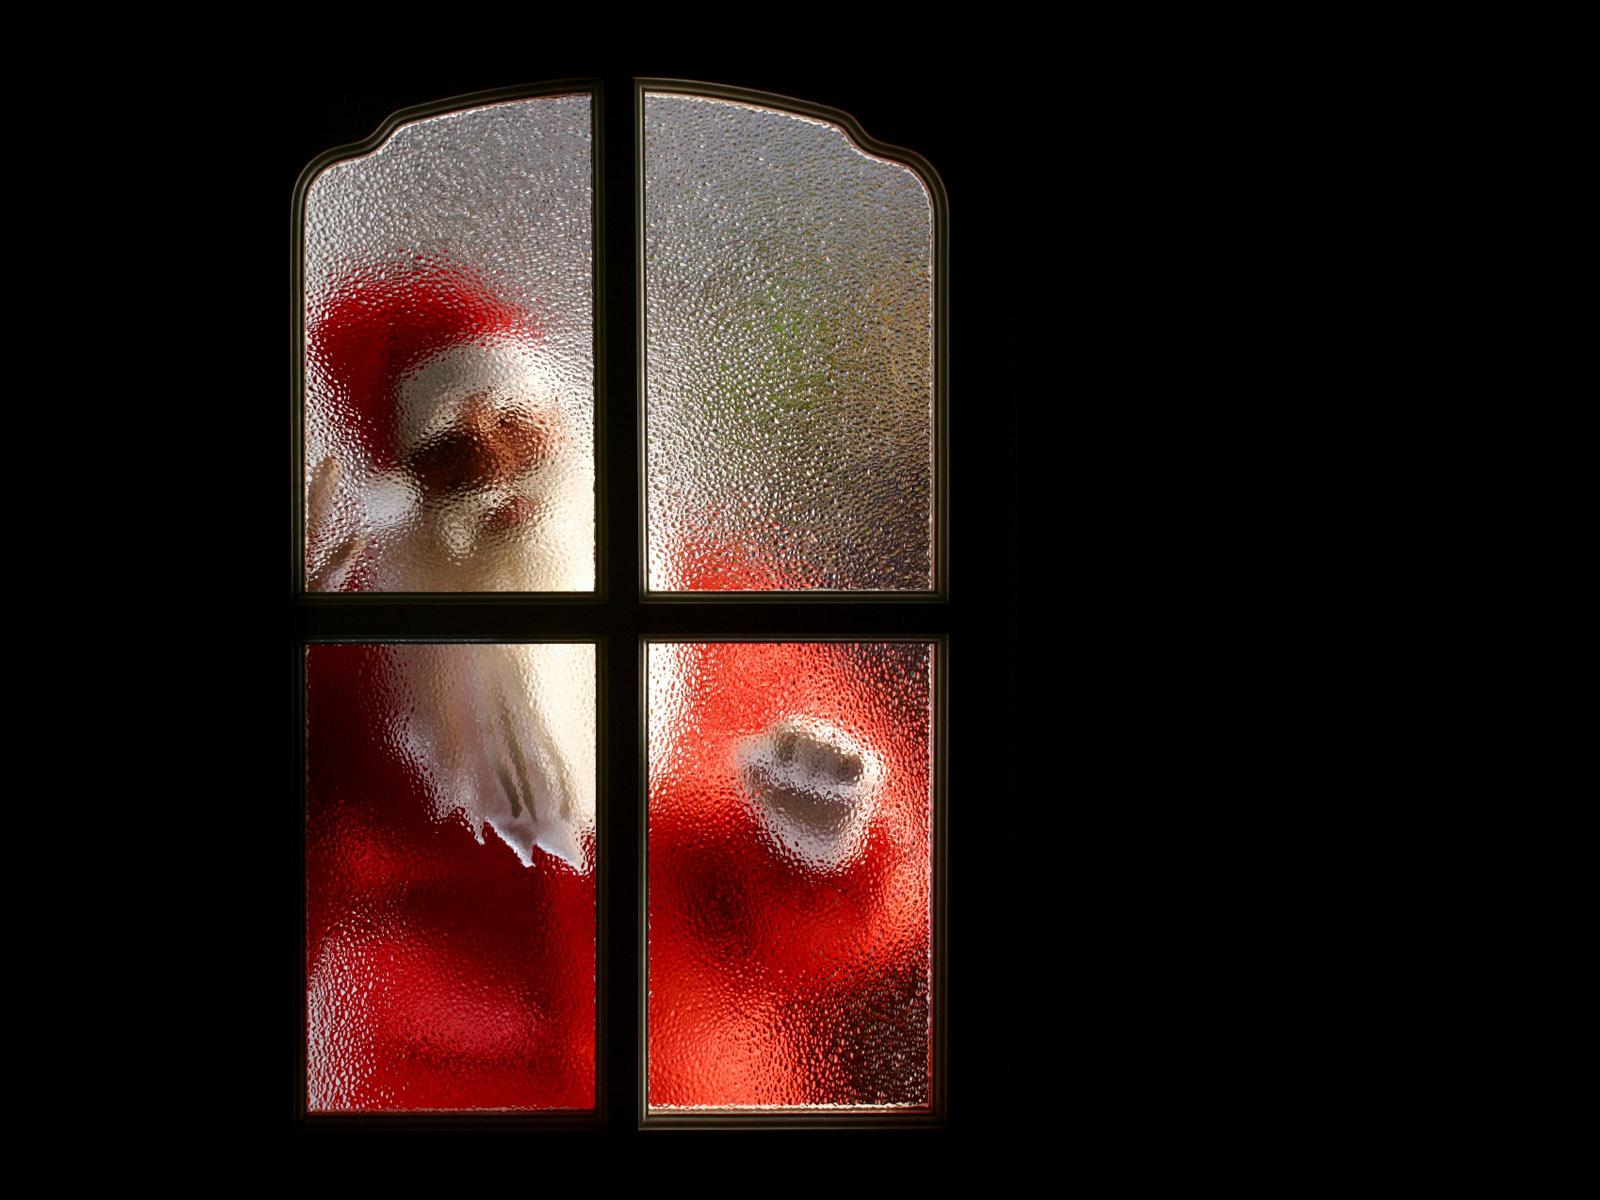 https://4.bp.blogspot.com/-xjRhfsisIxg/TspXyFnXhEI/AAAAAAAAATM/TWImIbUC59E/s1600/7-Christmas-wallpapers-free-santa-claus-after-windows-wallpaper.jpg